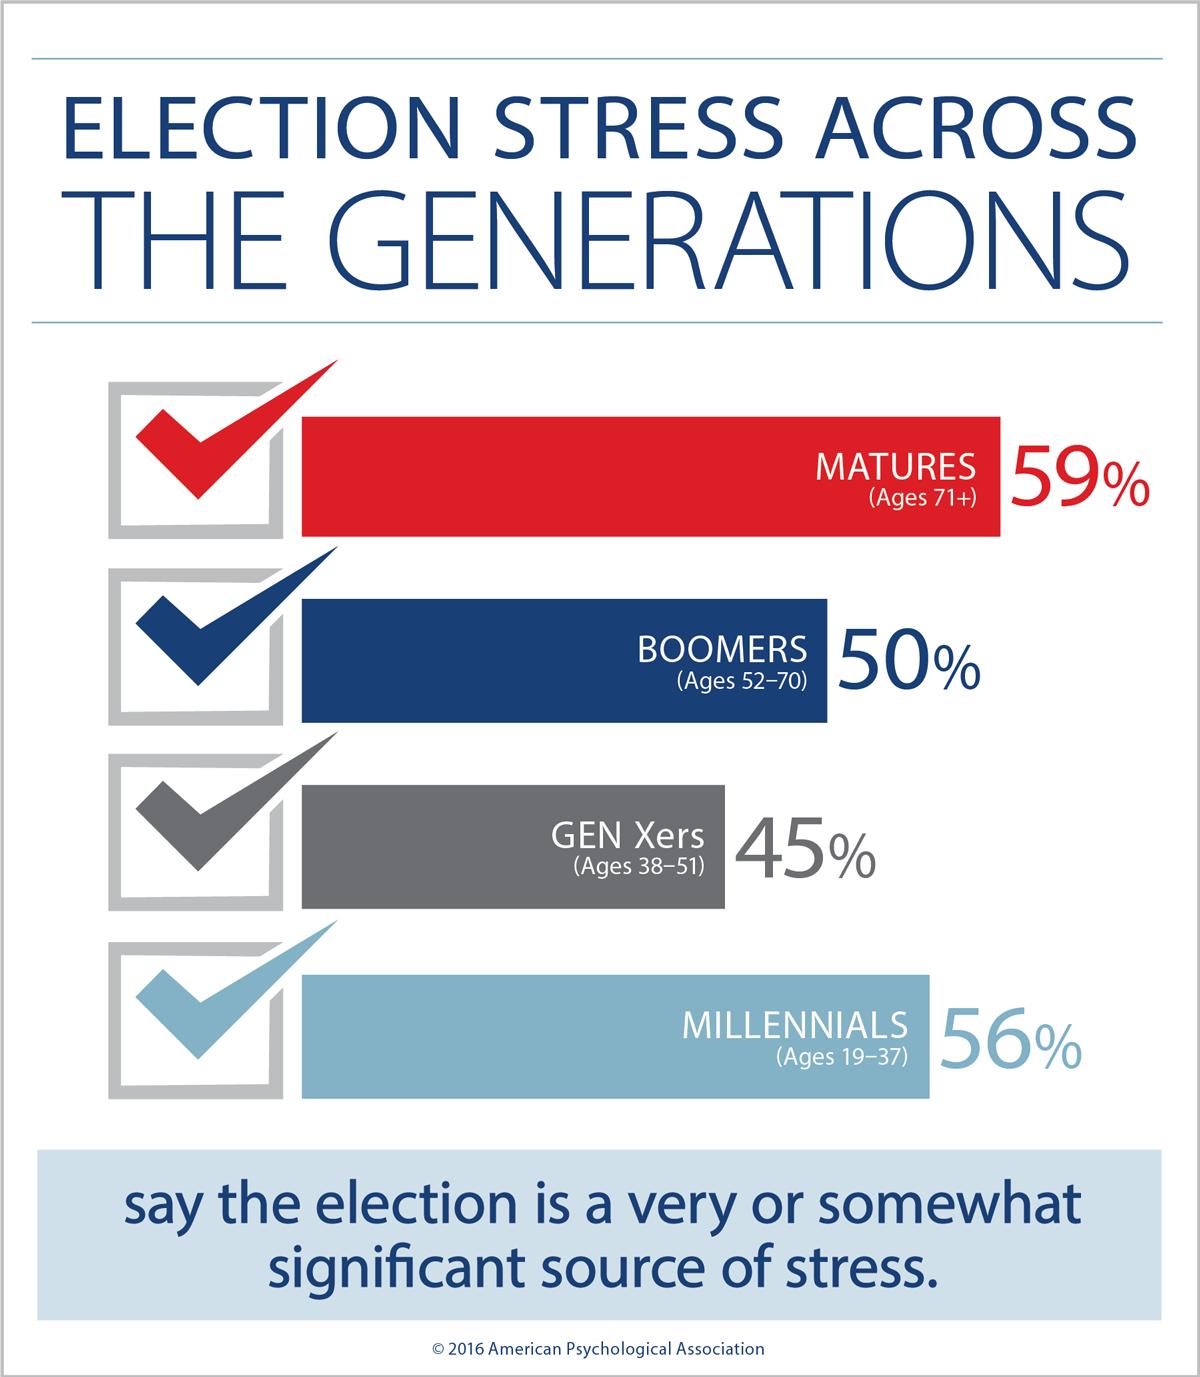 بیشترین و کمترین میزان استرس به ترتیب مربوط به افراد بالتر از 71 سال و افراد بین 38-51 سال است.